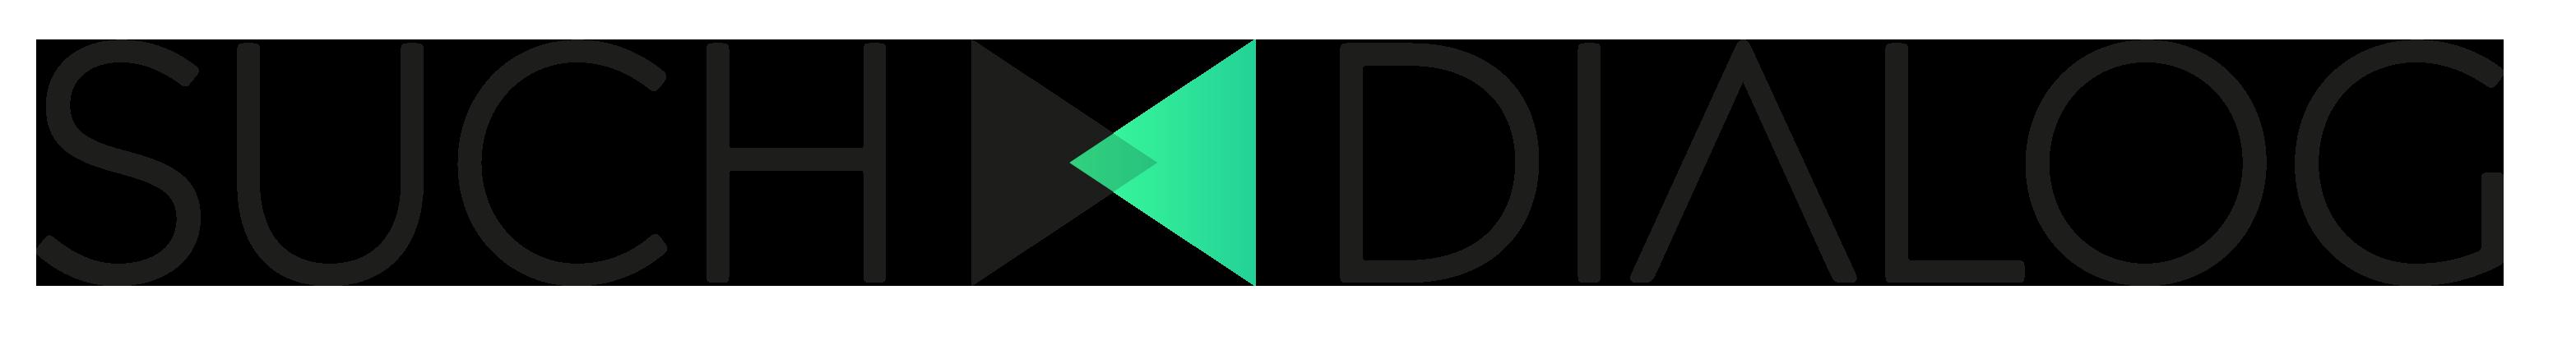 Suchdialog Logo